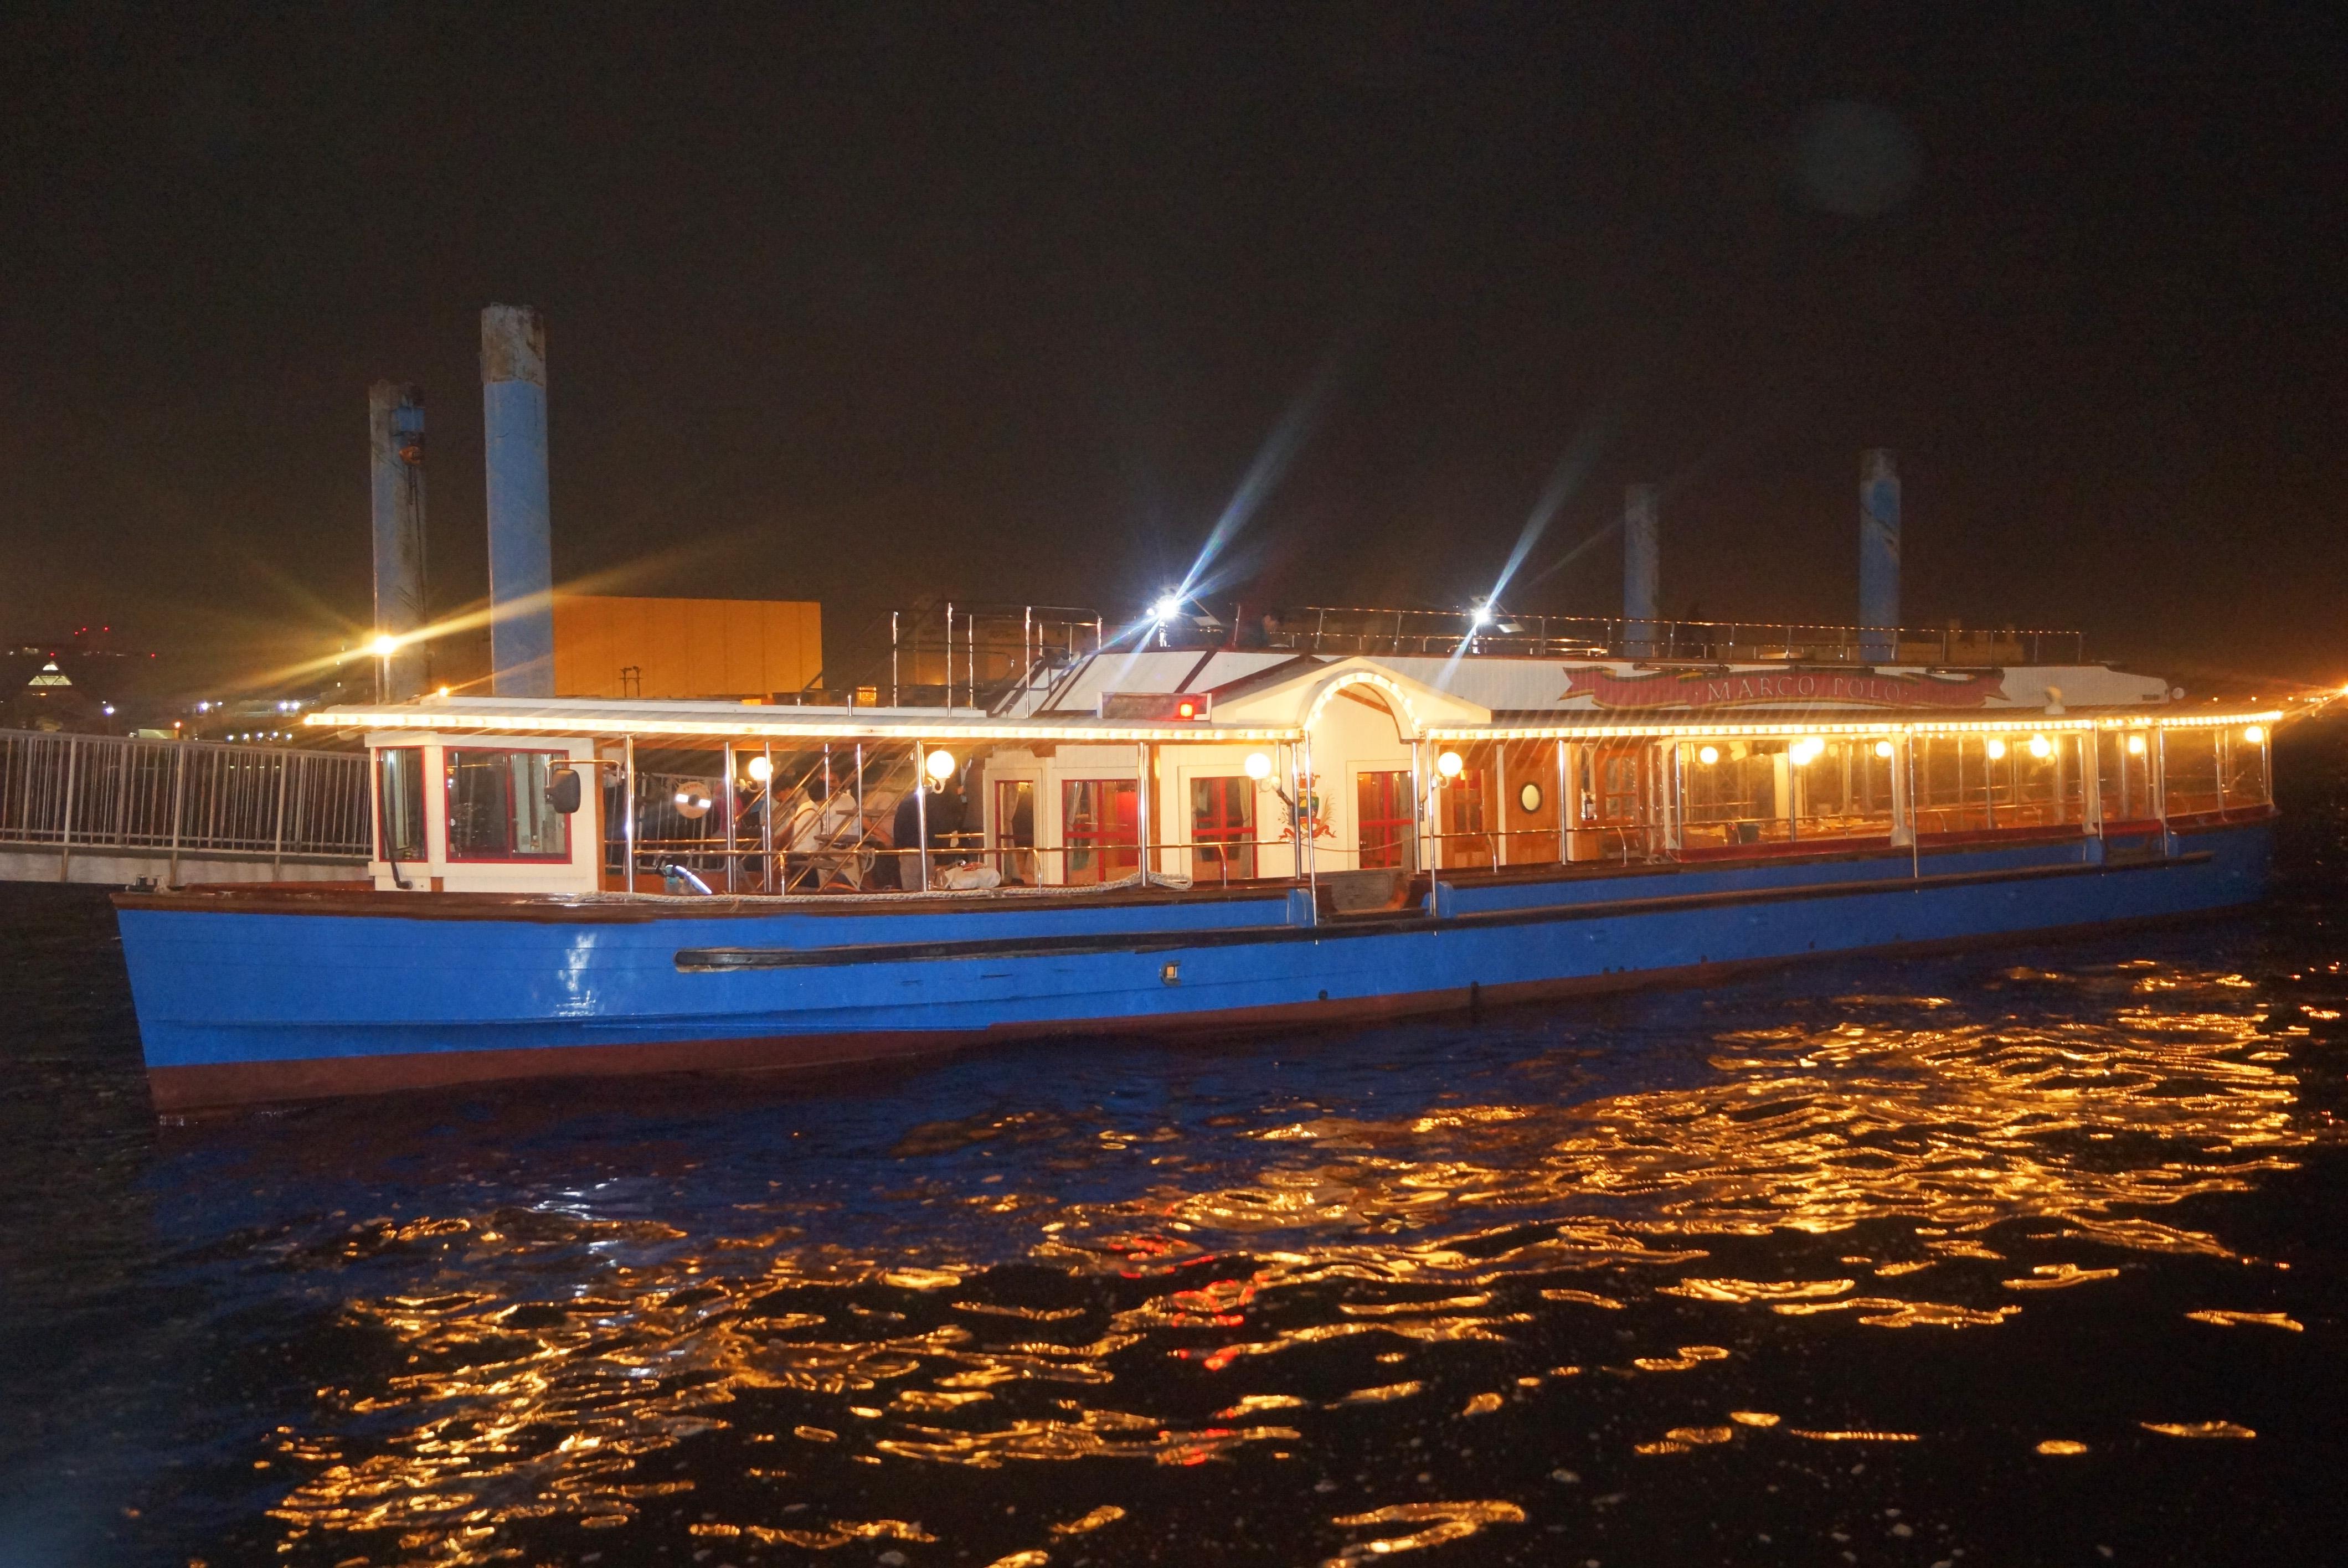 ナイトクルージングに出航するクルーザー